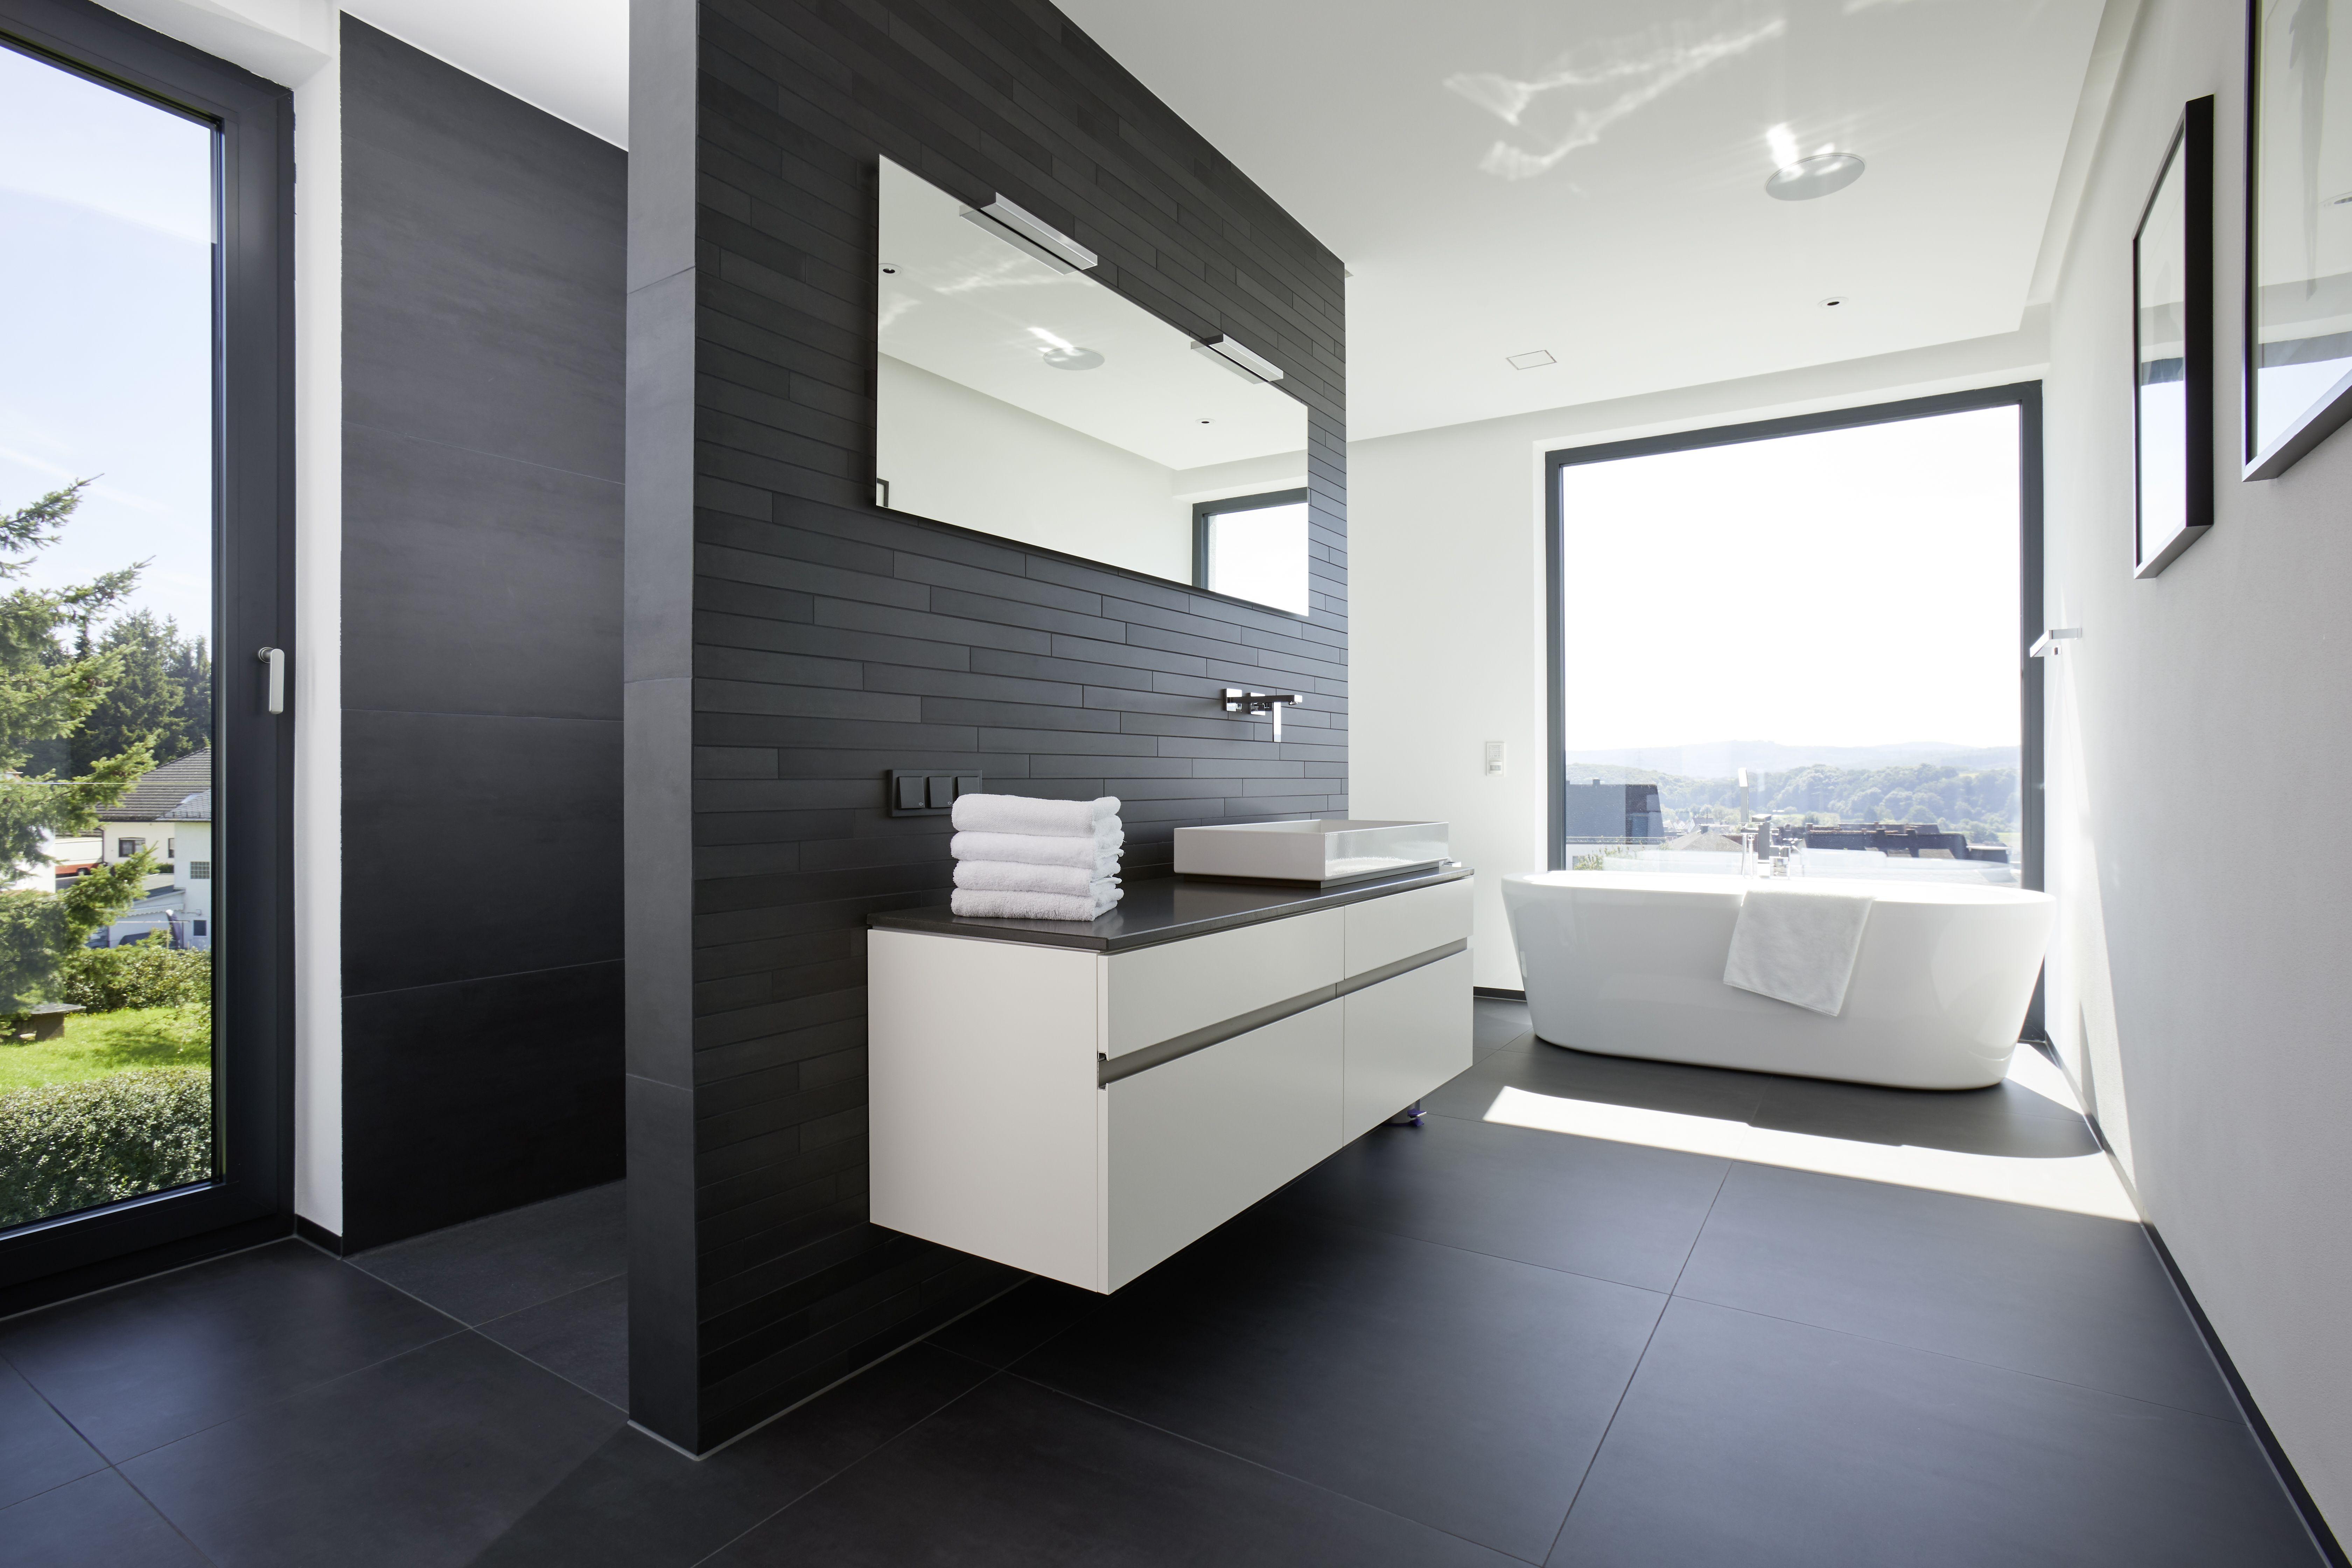 Grosses Badezimmer Mit Freistehender Badewanne Bodentiefes Fenster Und Fliesen In Anthrazit Ebenerdige Dusche Mit In 2020 Badezimmer Inspiration Badezimmer Badewanne